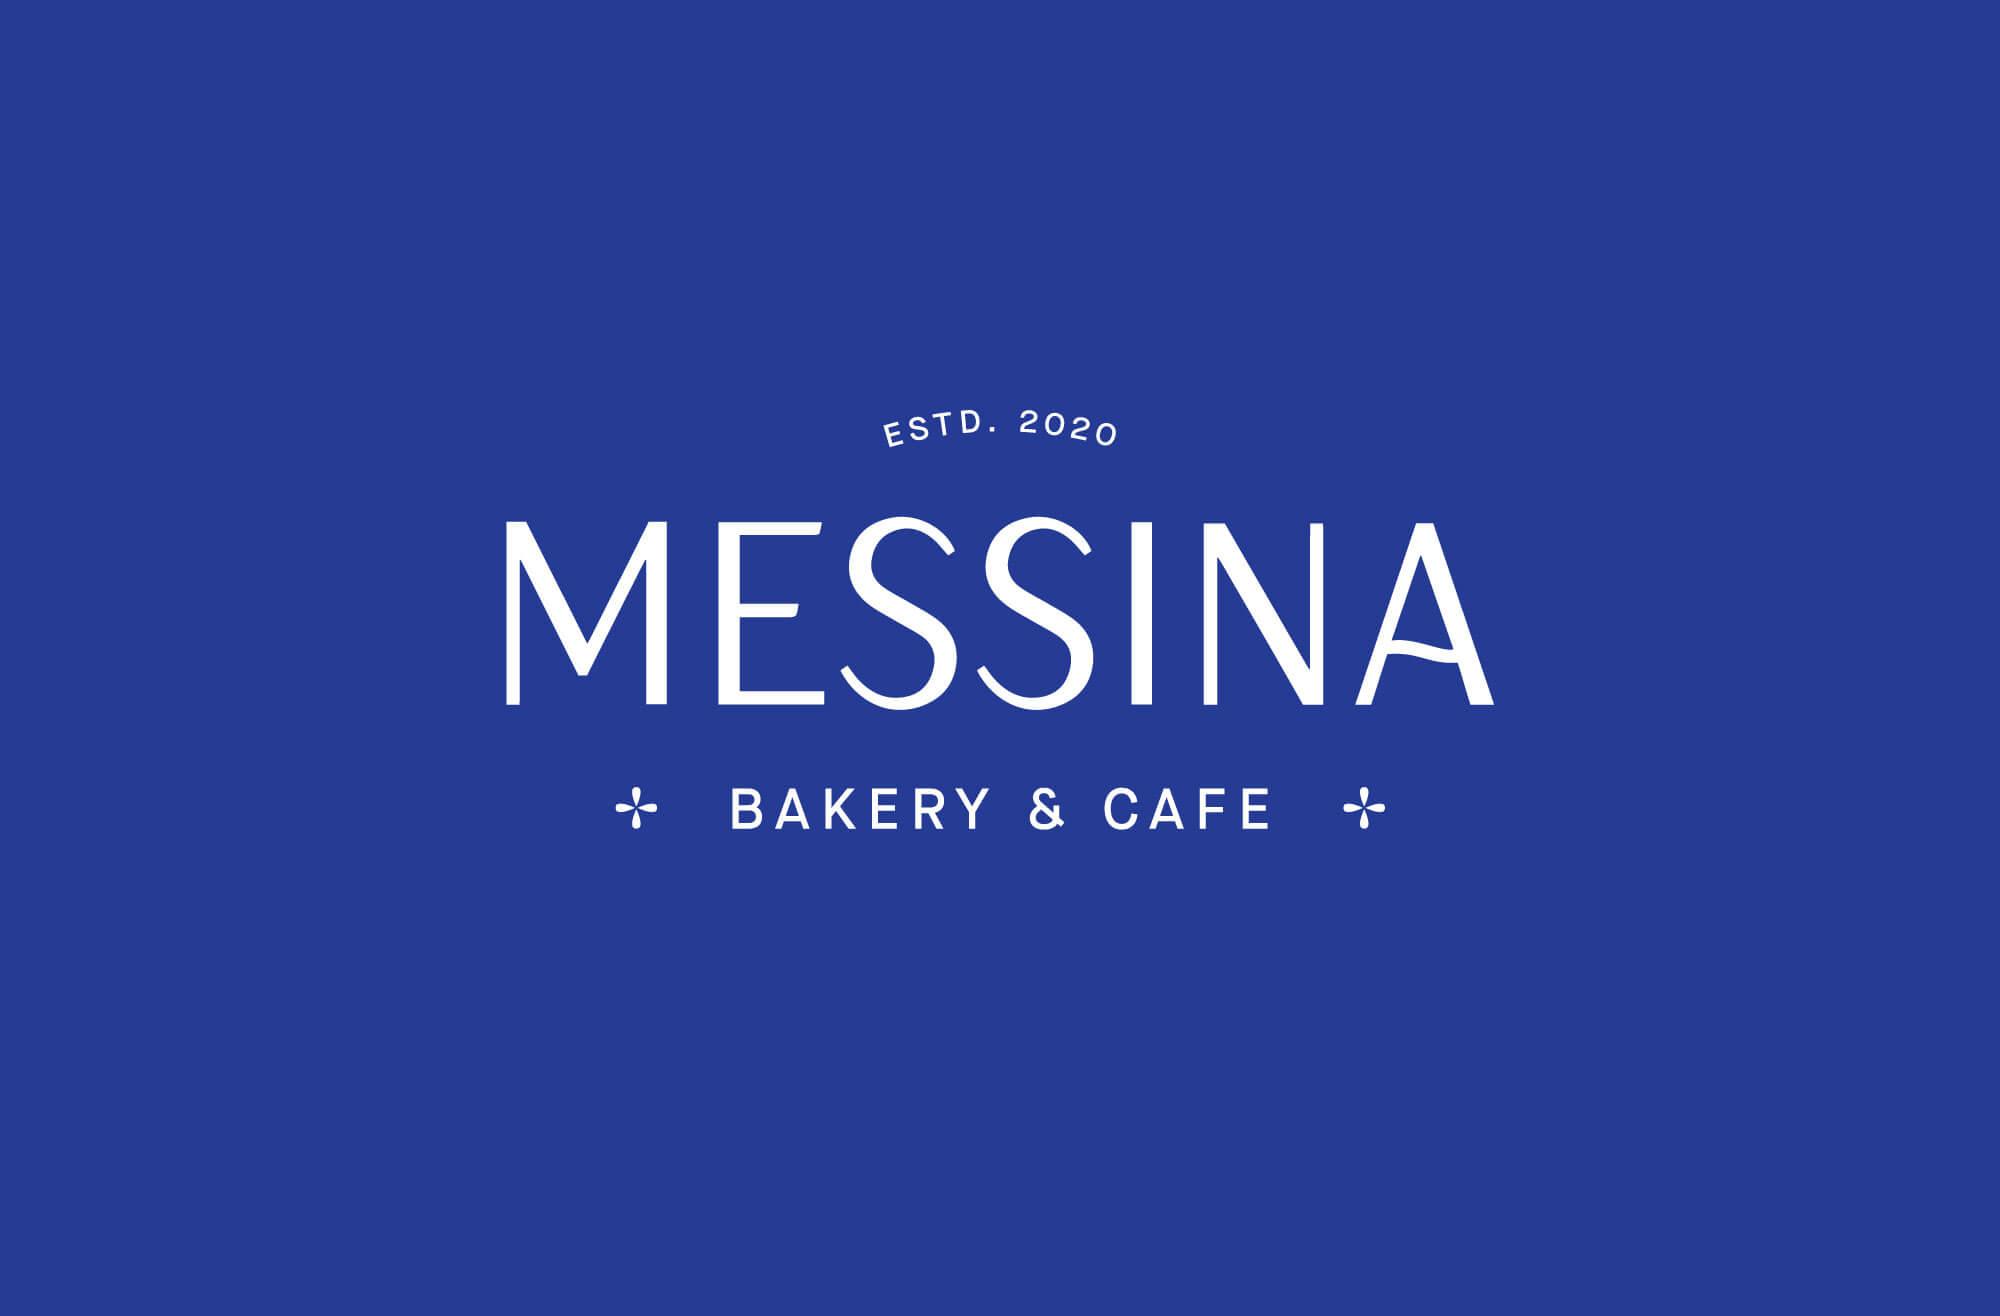 Messina logo